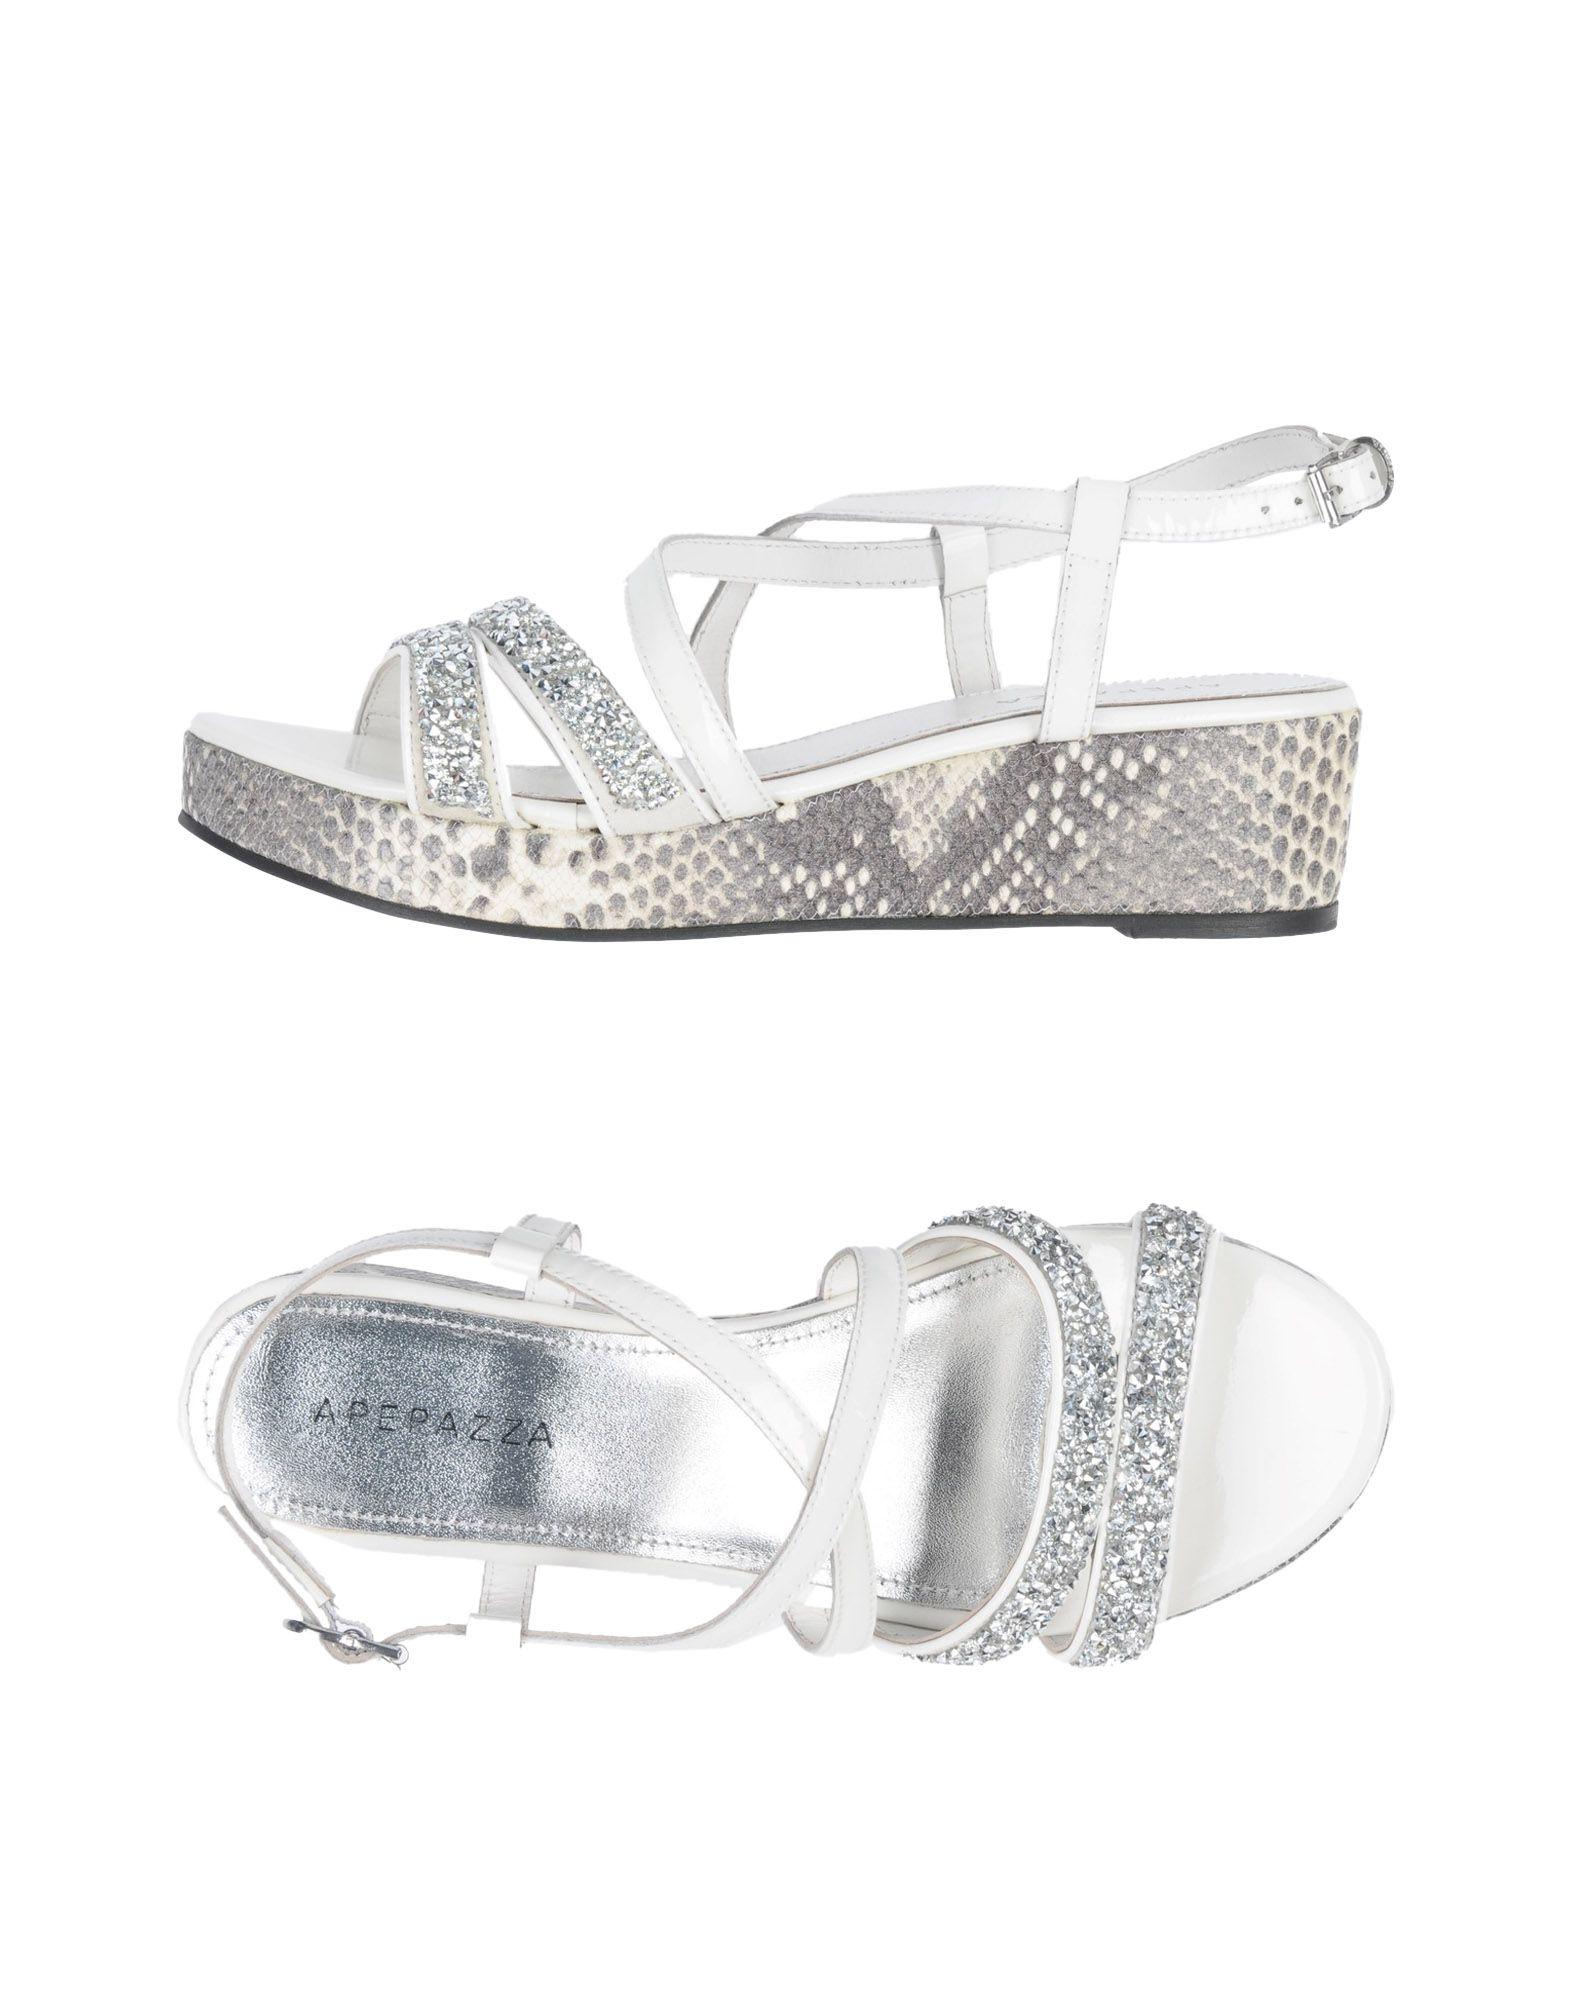 Apepazza Sandals - Women Apepazza Australia Sandals online on  Australia Apepazza - 11479220RP 326caf